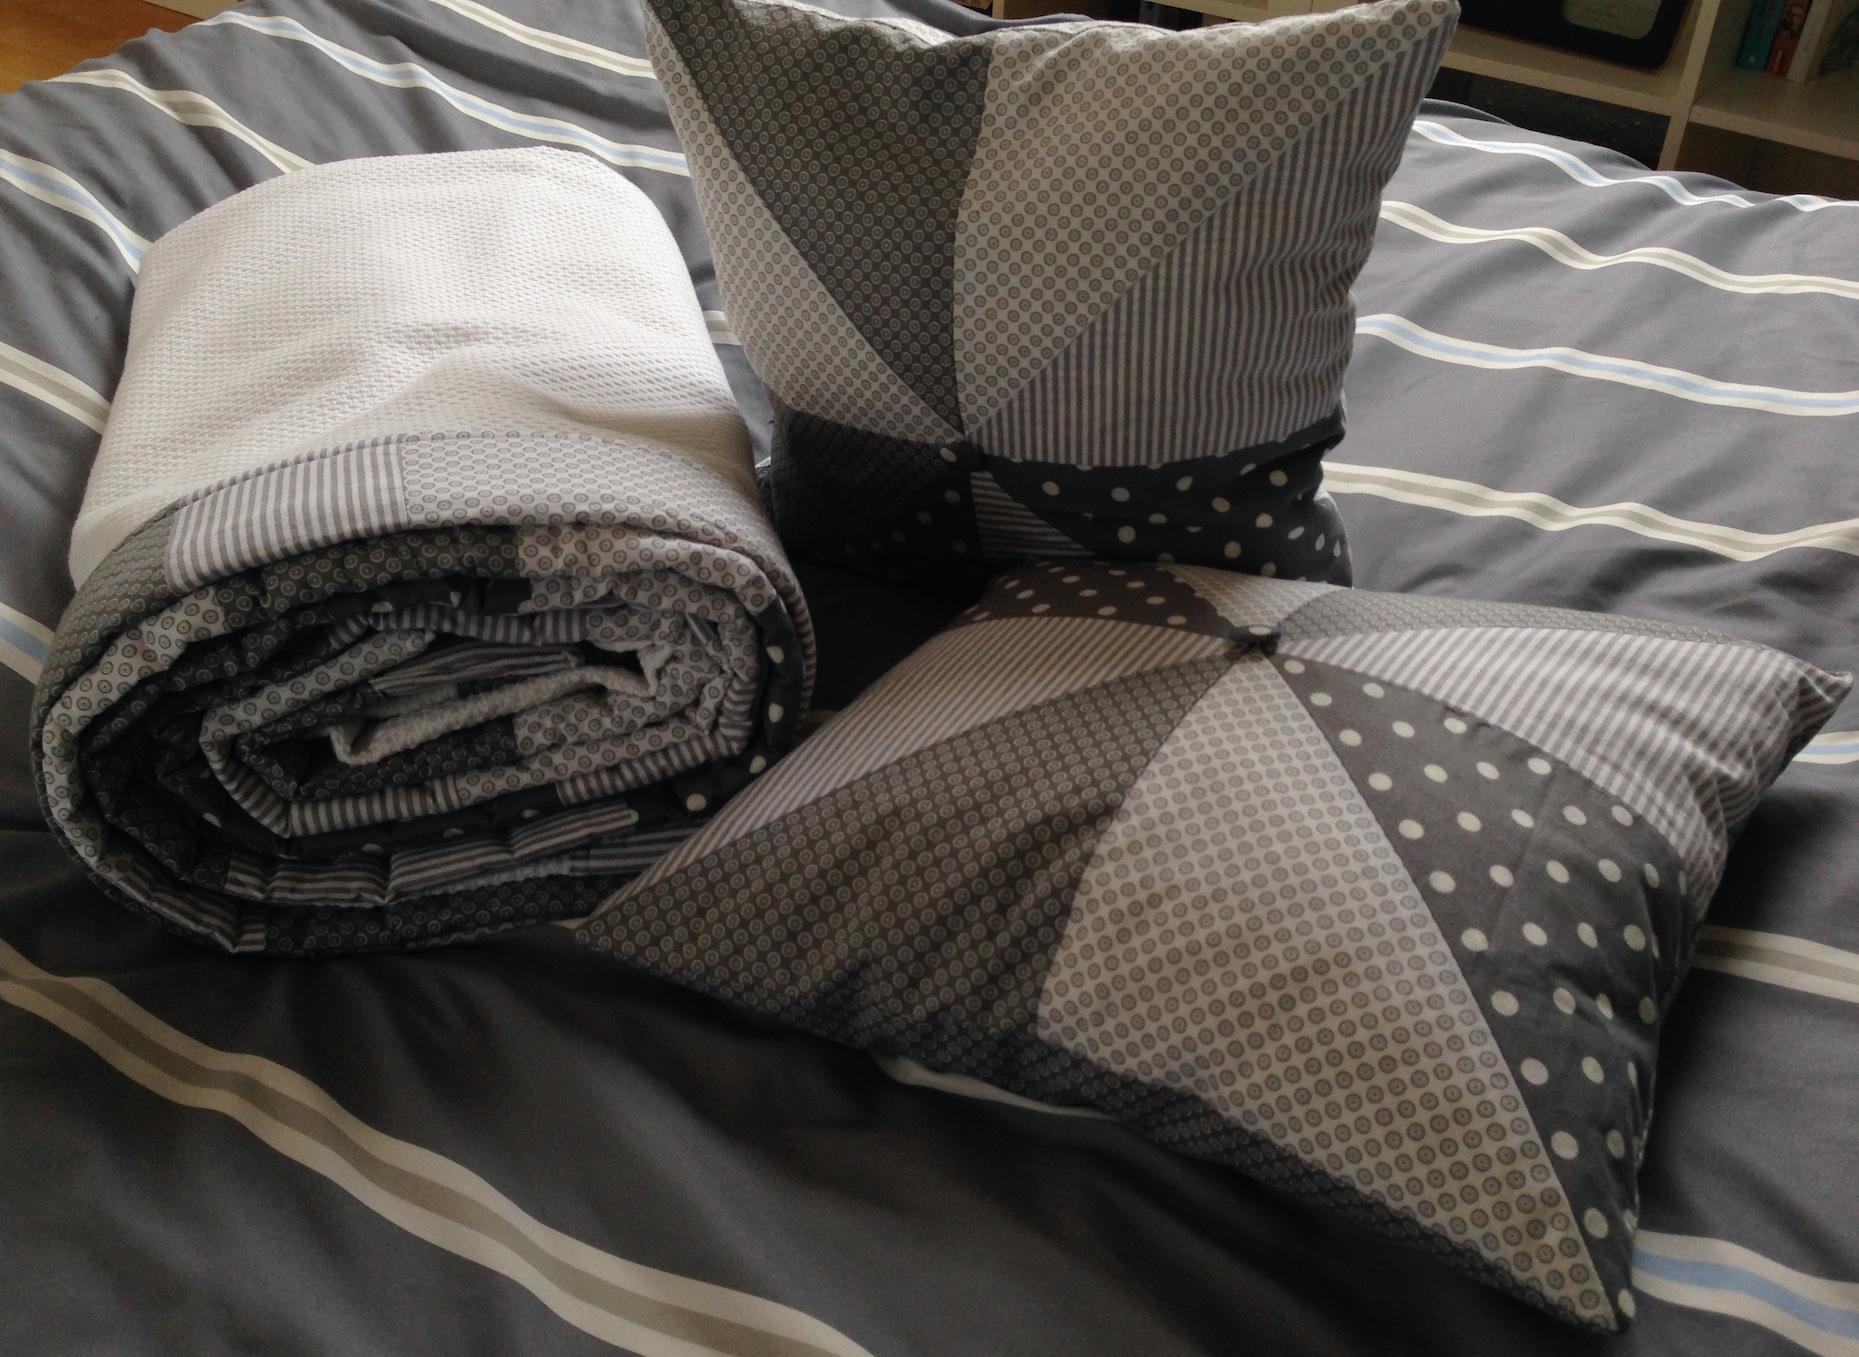 tagesdecke und kissen mein erstes p a t c h w o r k herzbluth. Black Bedroom Furniture Sets. Home Design Ideas